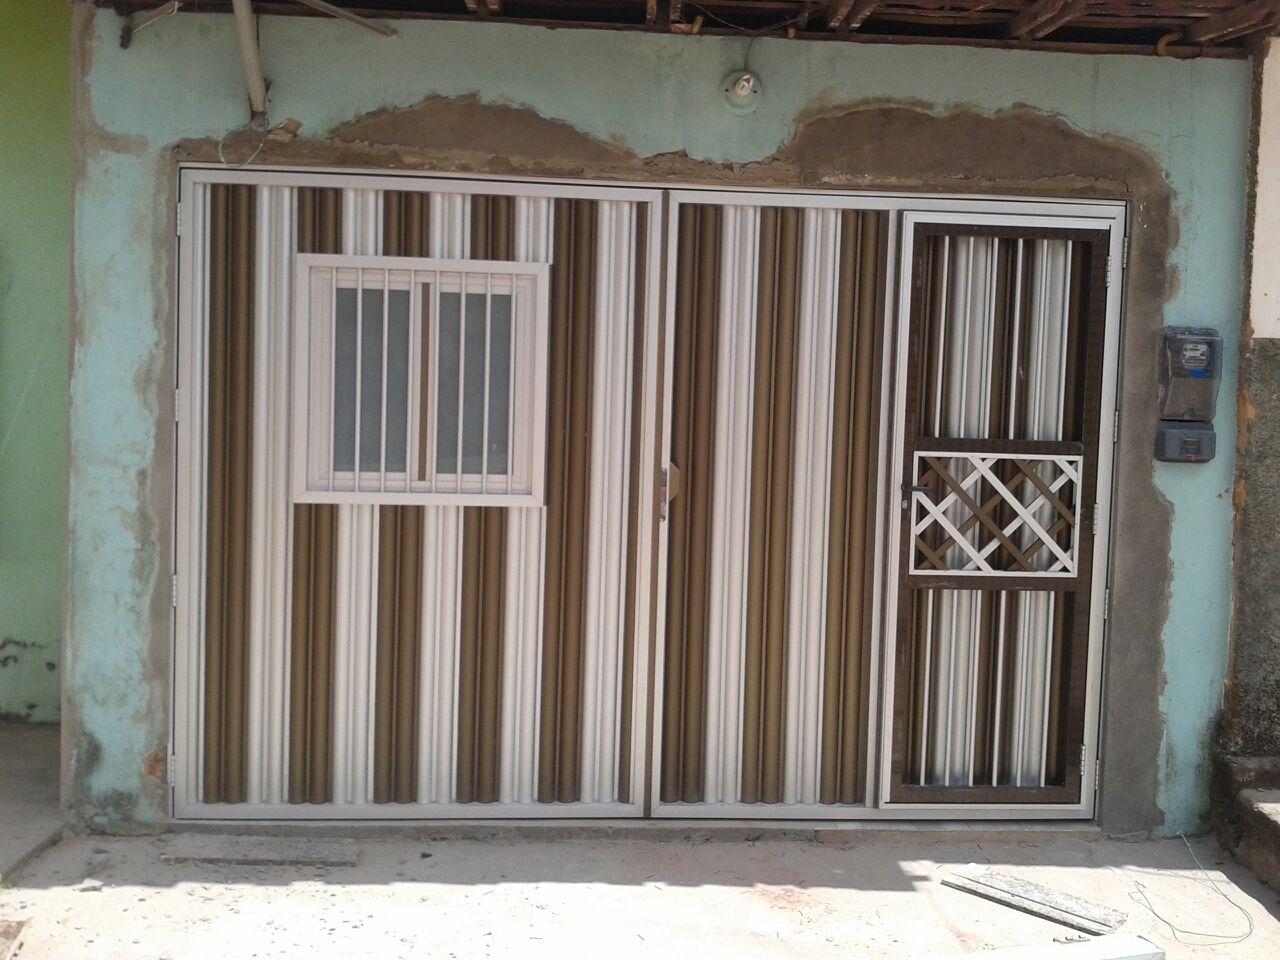 #5D4C3C Porta de alumínio cor branca com basculante 10 Janelas De Vidro Com Aluminio Fosco